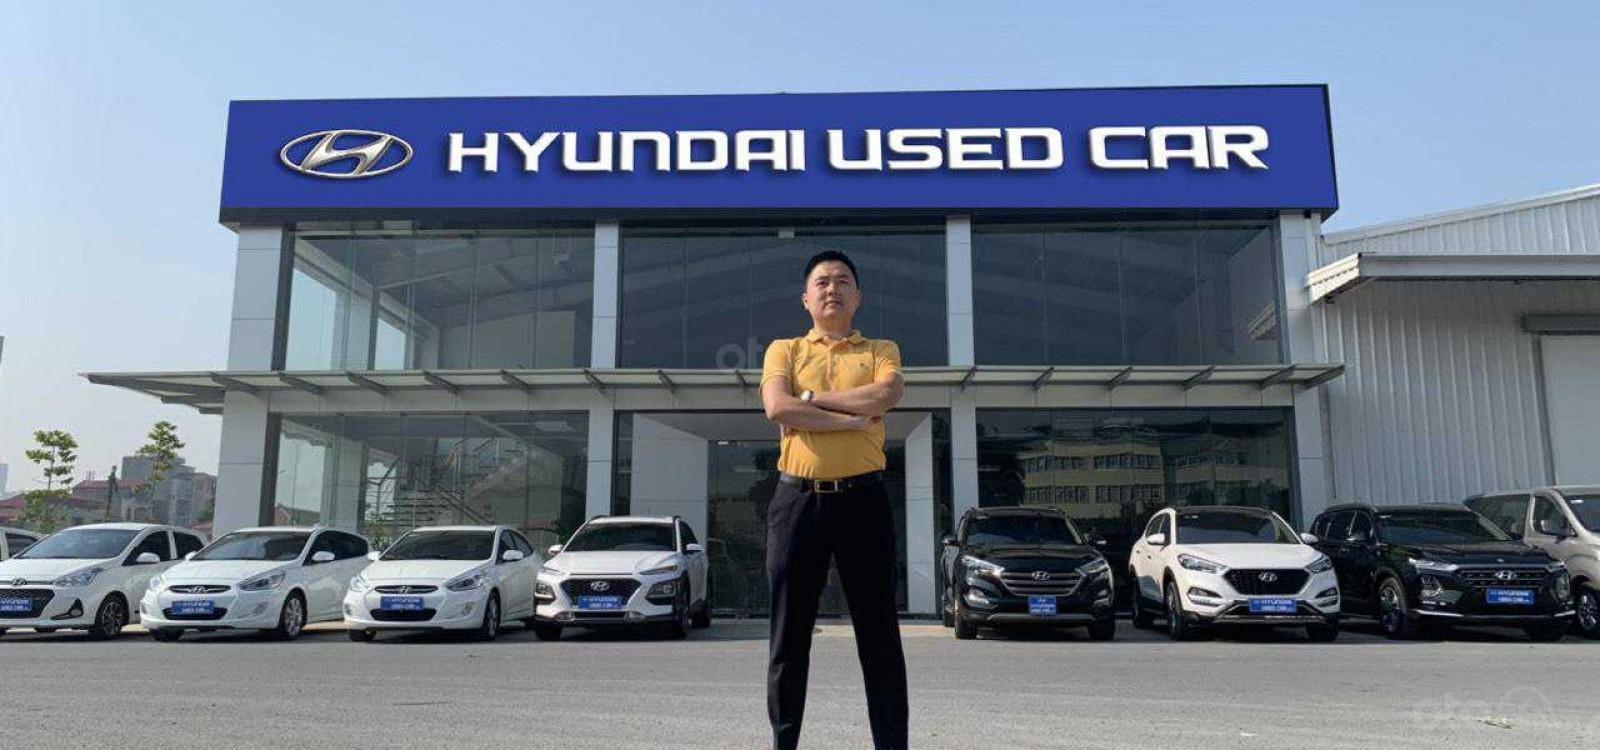 Hyundai Used Cars (3)